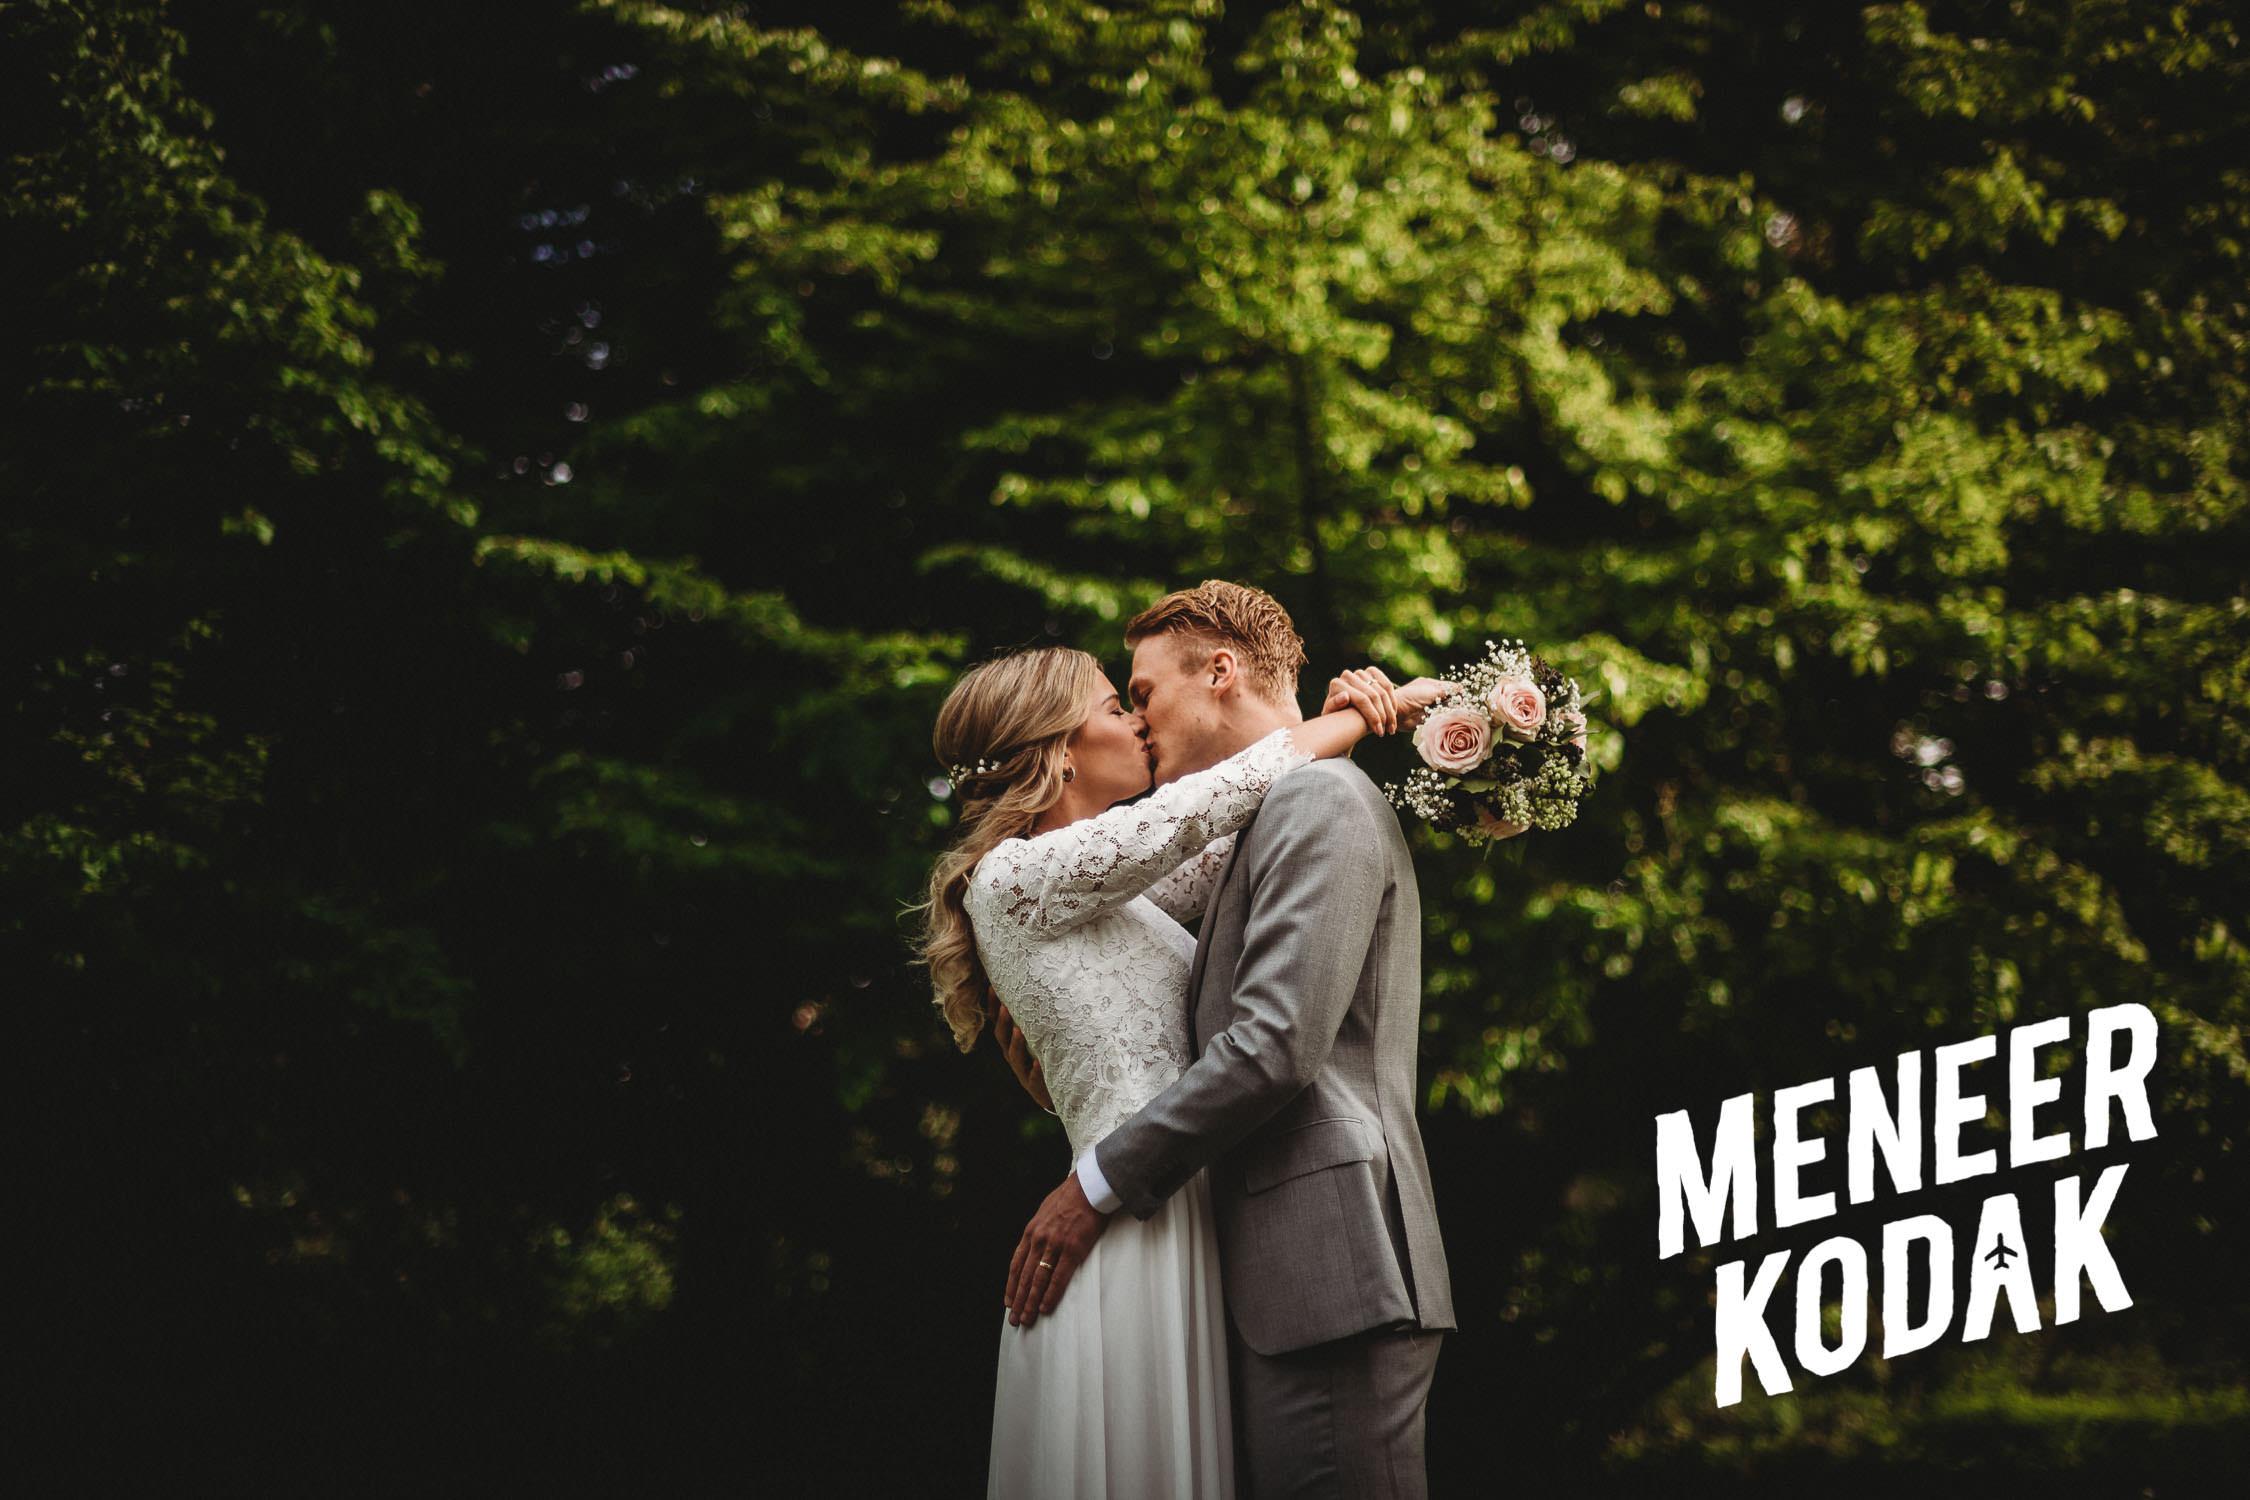 Meneer Kodak - Bruidsfotograaf - Roosendaal - A&D-064.jpg